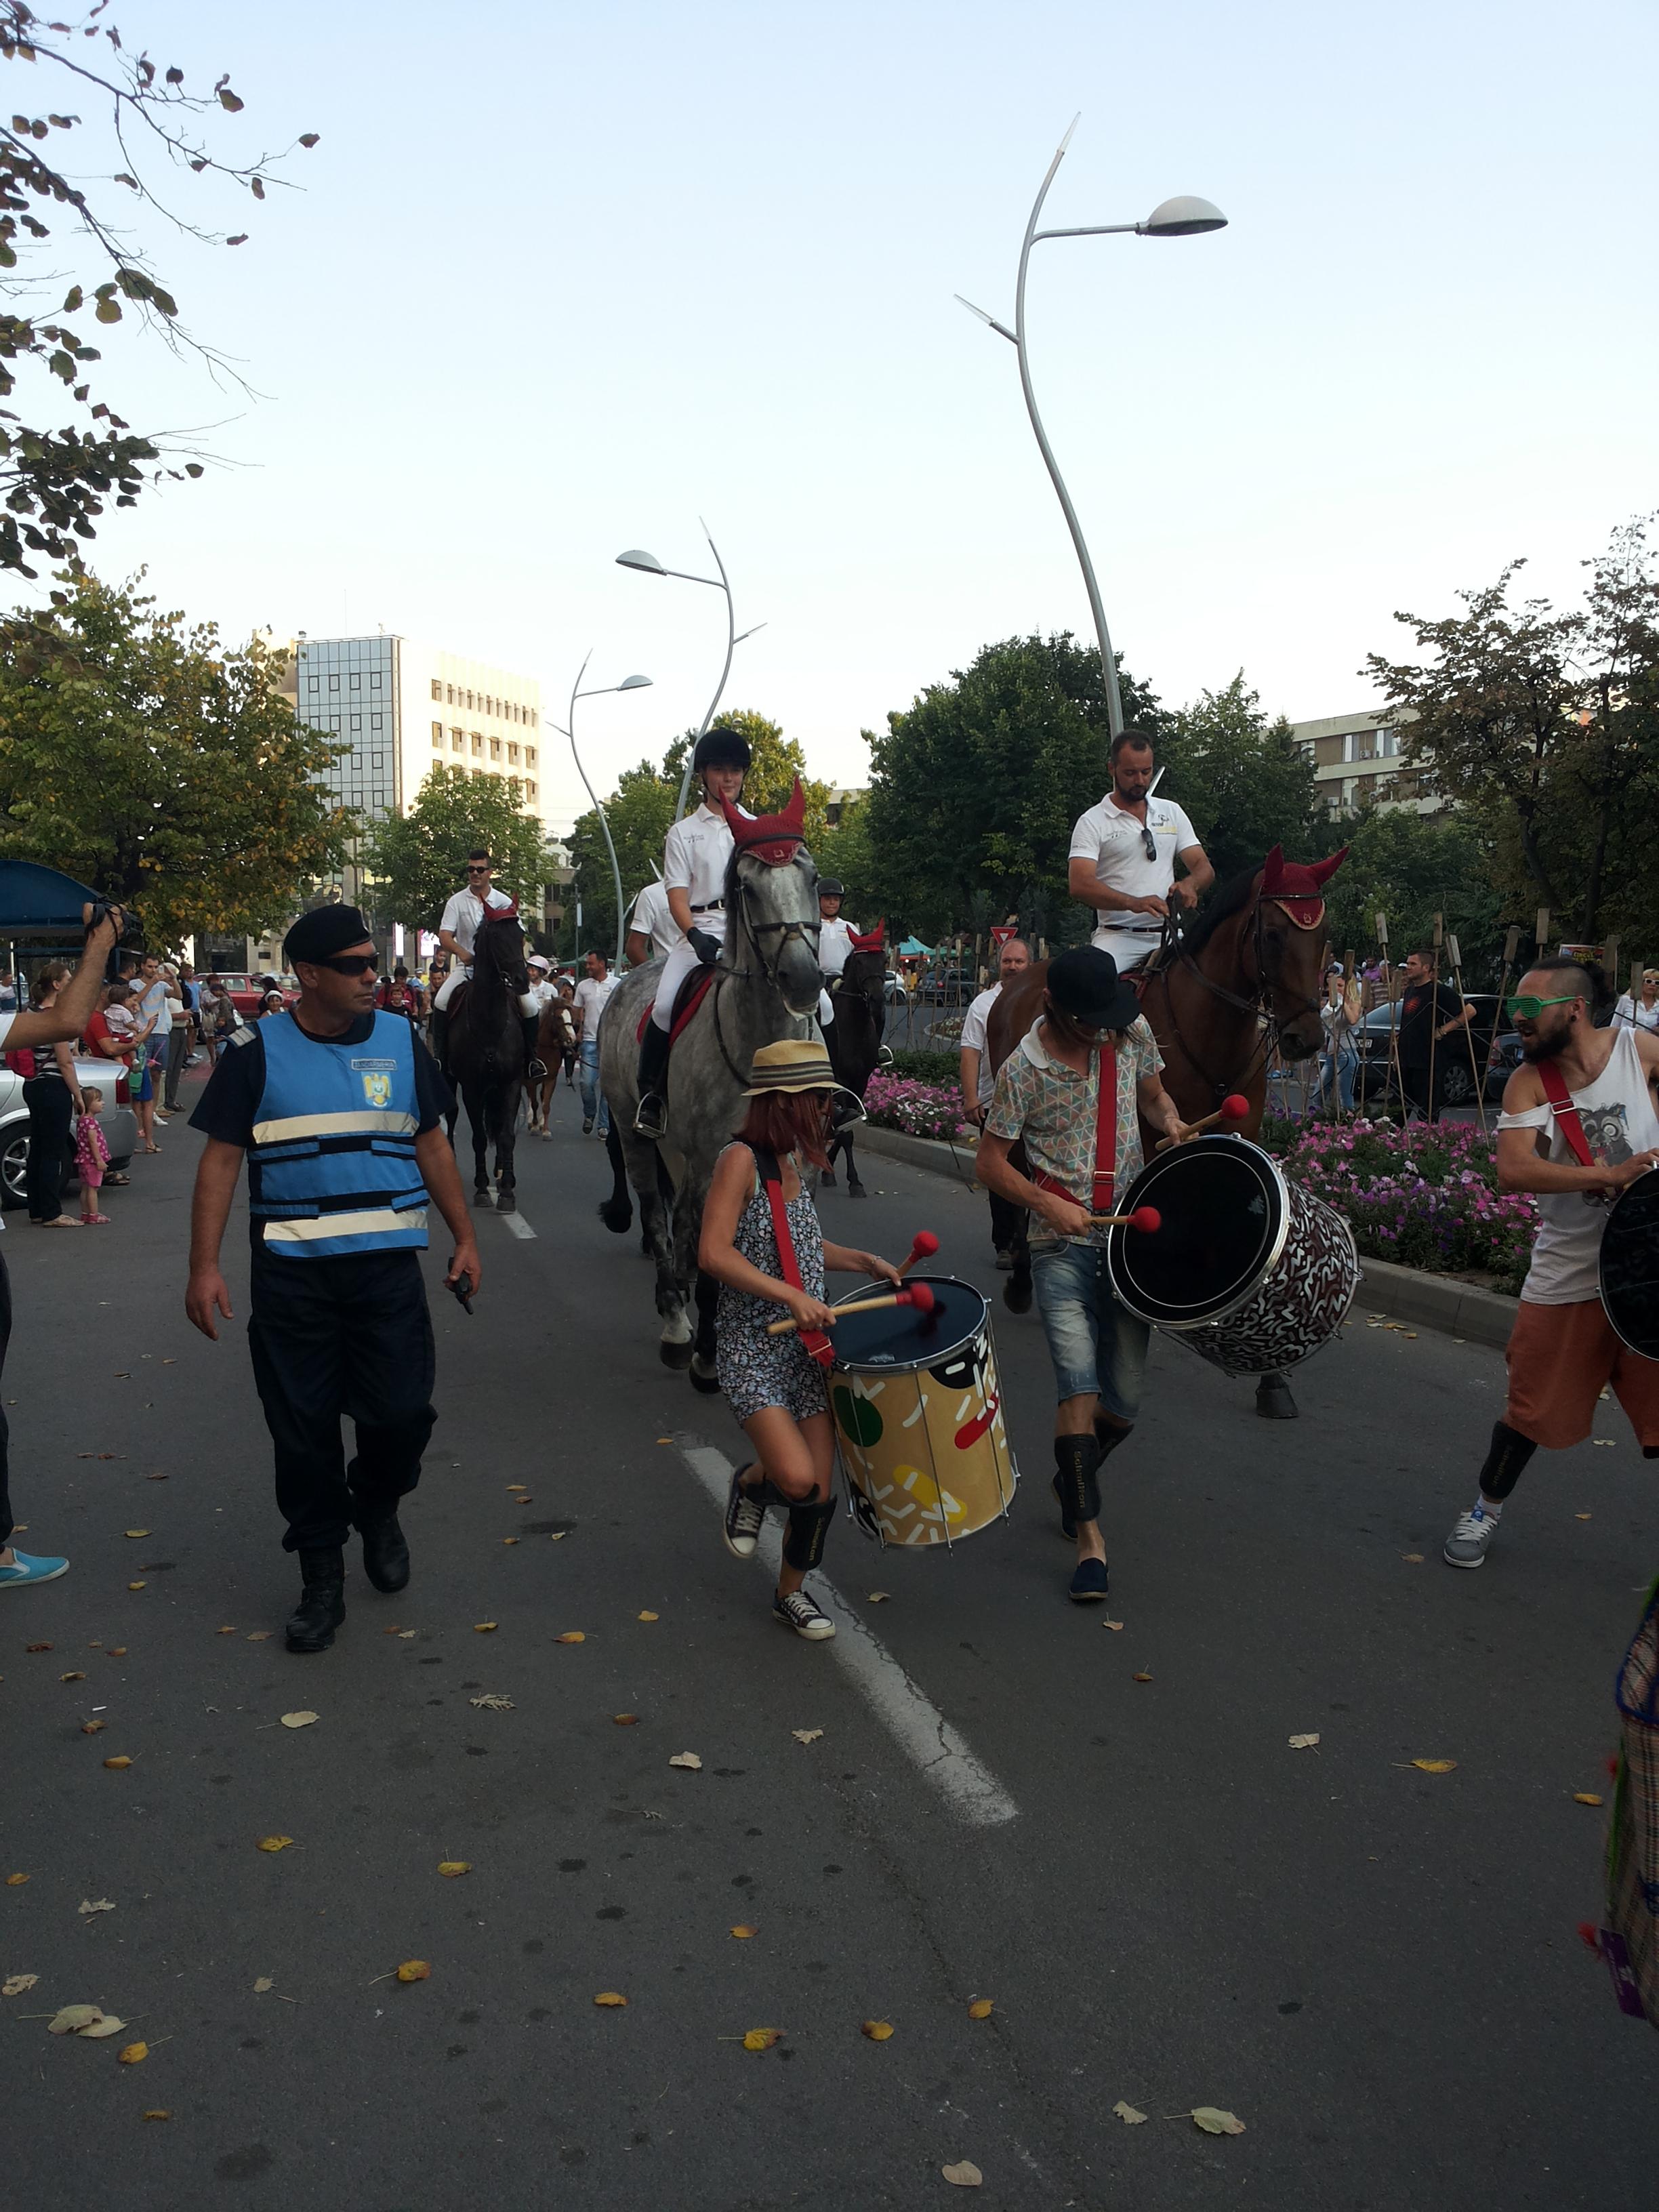 Măsuri specifice adoptate de jandarmi la manifestarea cultural – artistică şi sportivă  FESTIVALUL INTERNAŢIONAL AL BĂRCILOR CU VÂSLE